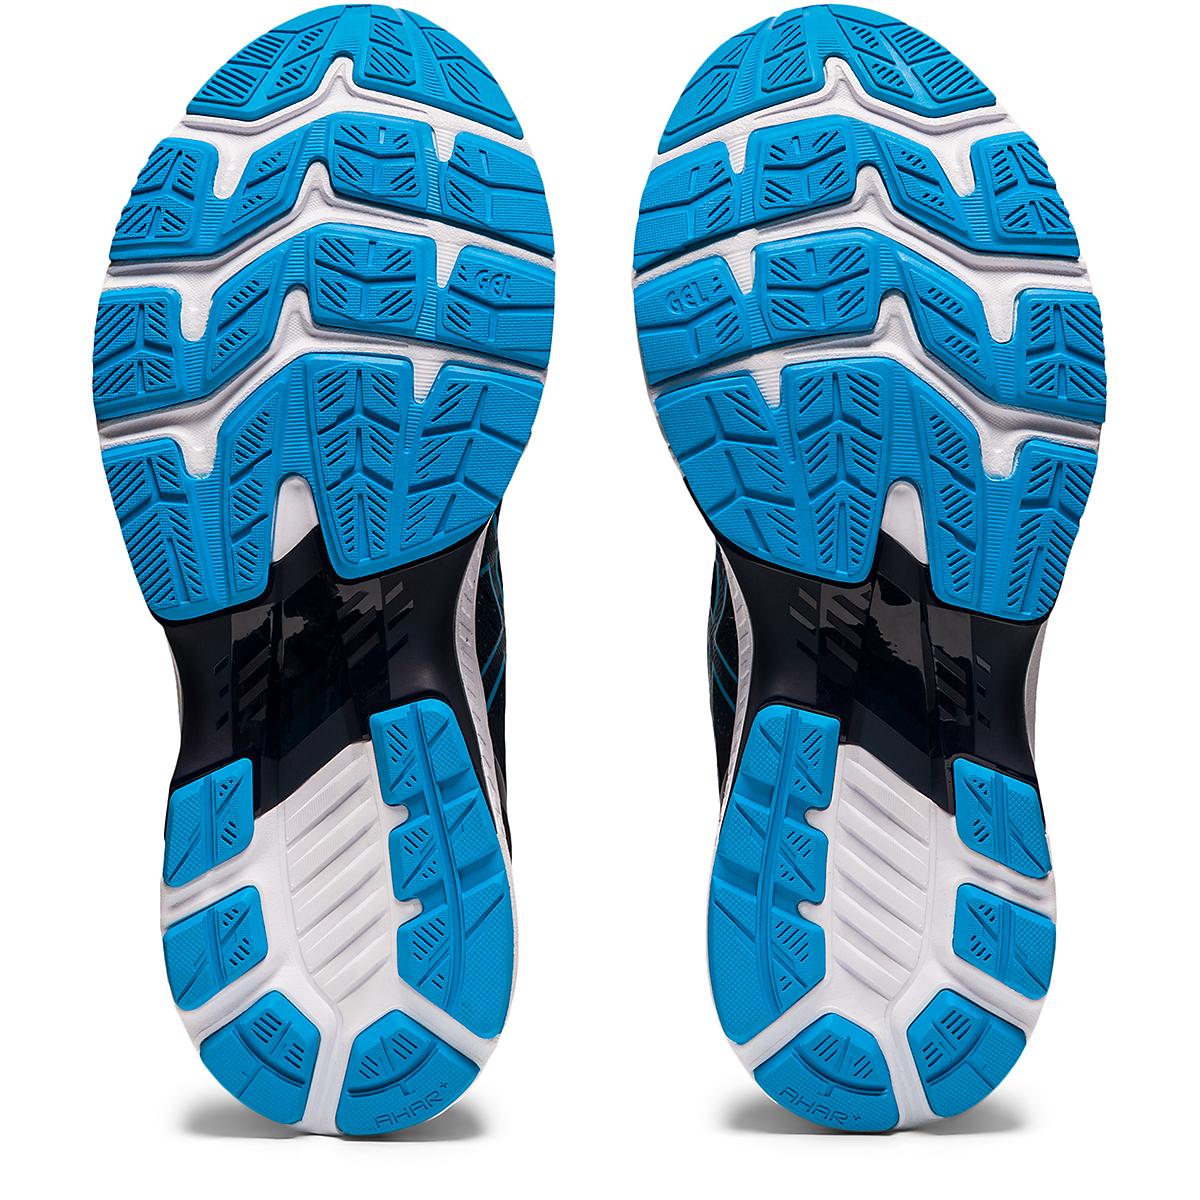 Men's Asics GEL-Kayano 27 Running Shoe - Color: French Blue/Dig - Size: 7.5 - Width: Regular, French Blue/Dig, large, image 7